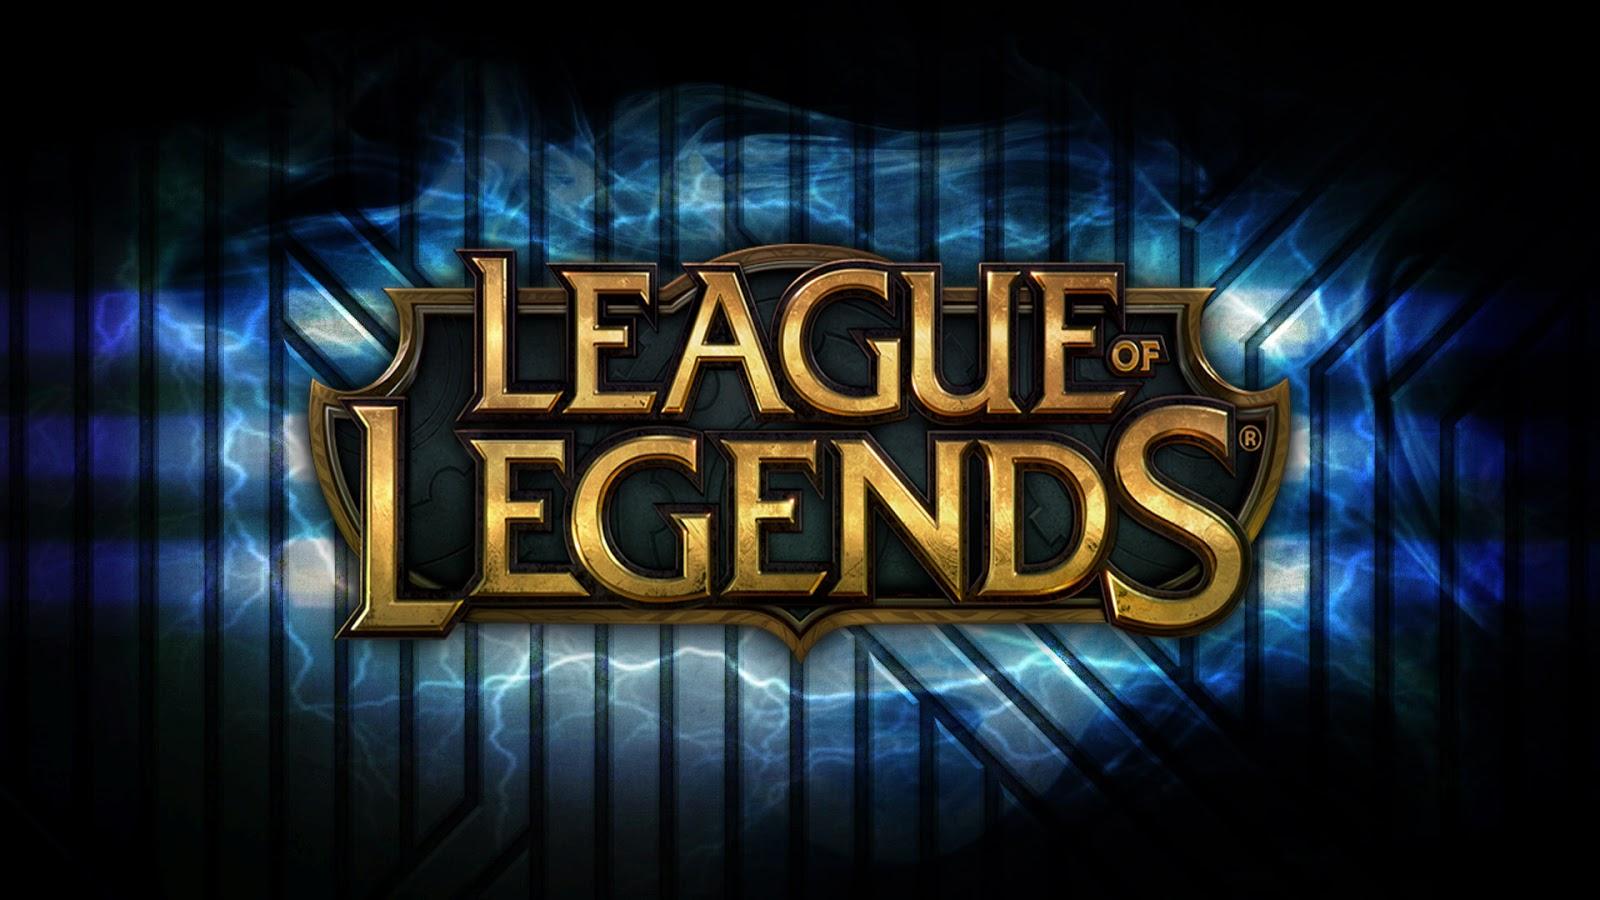 League-of-Legends3.jpg